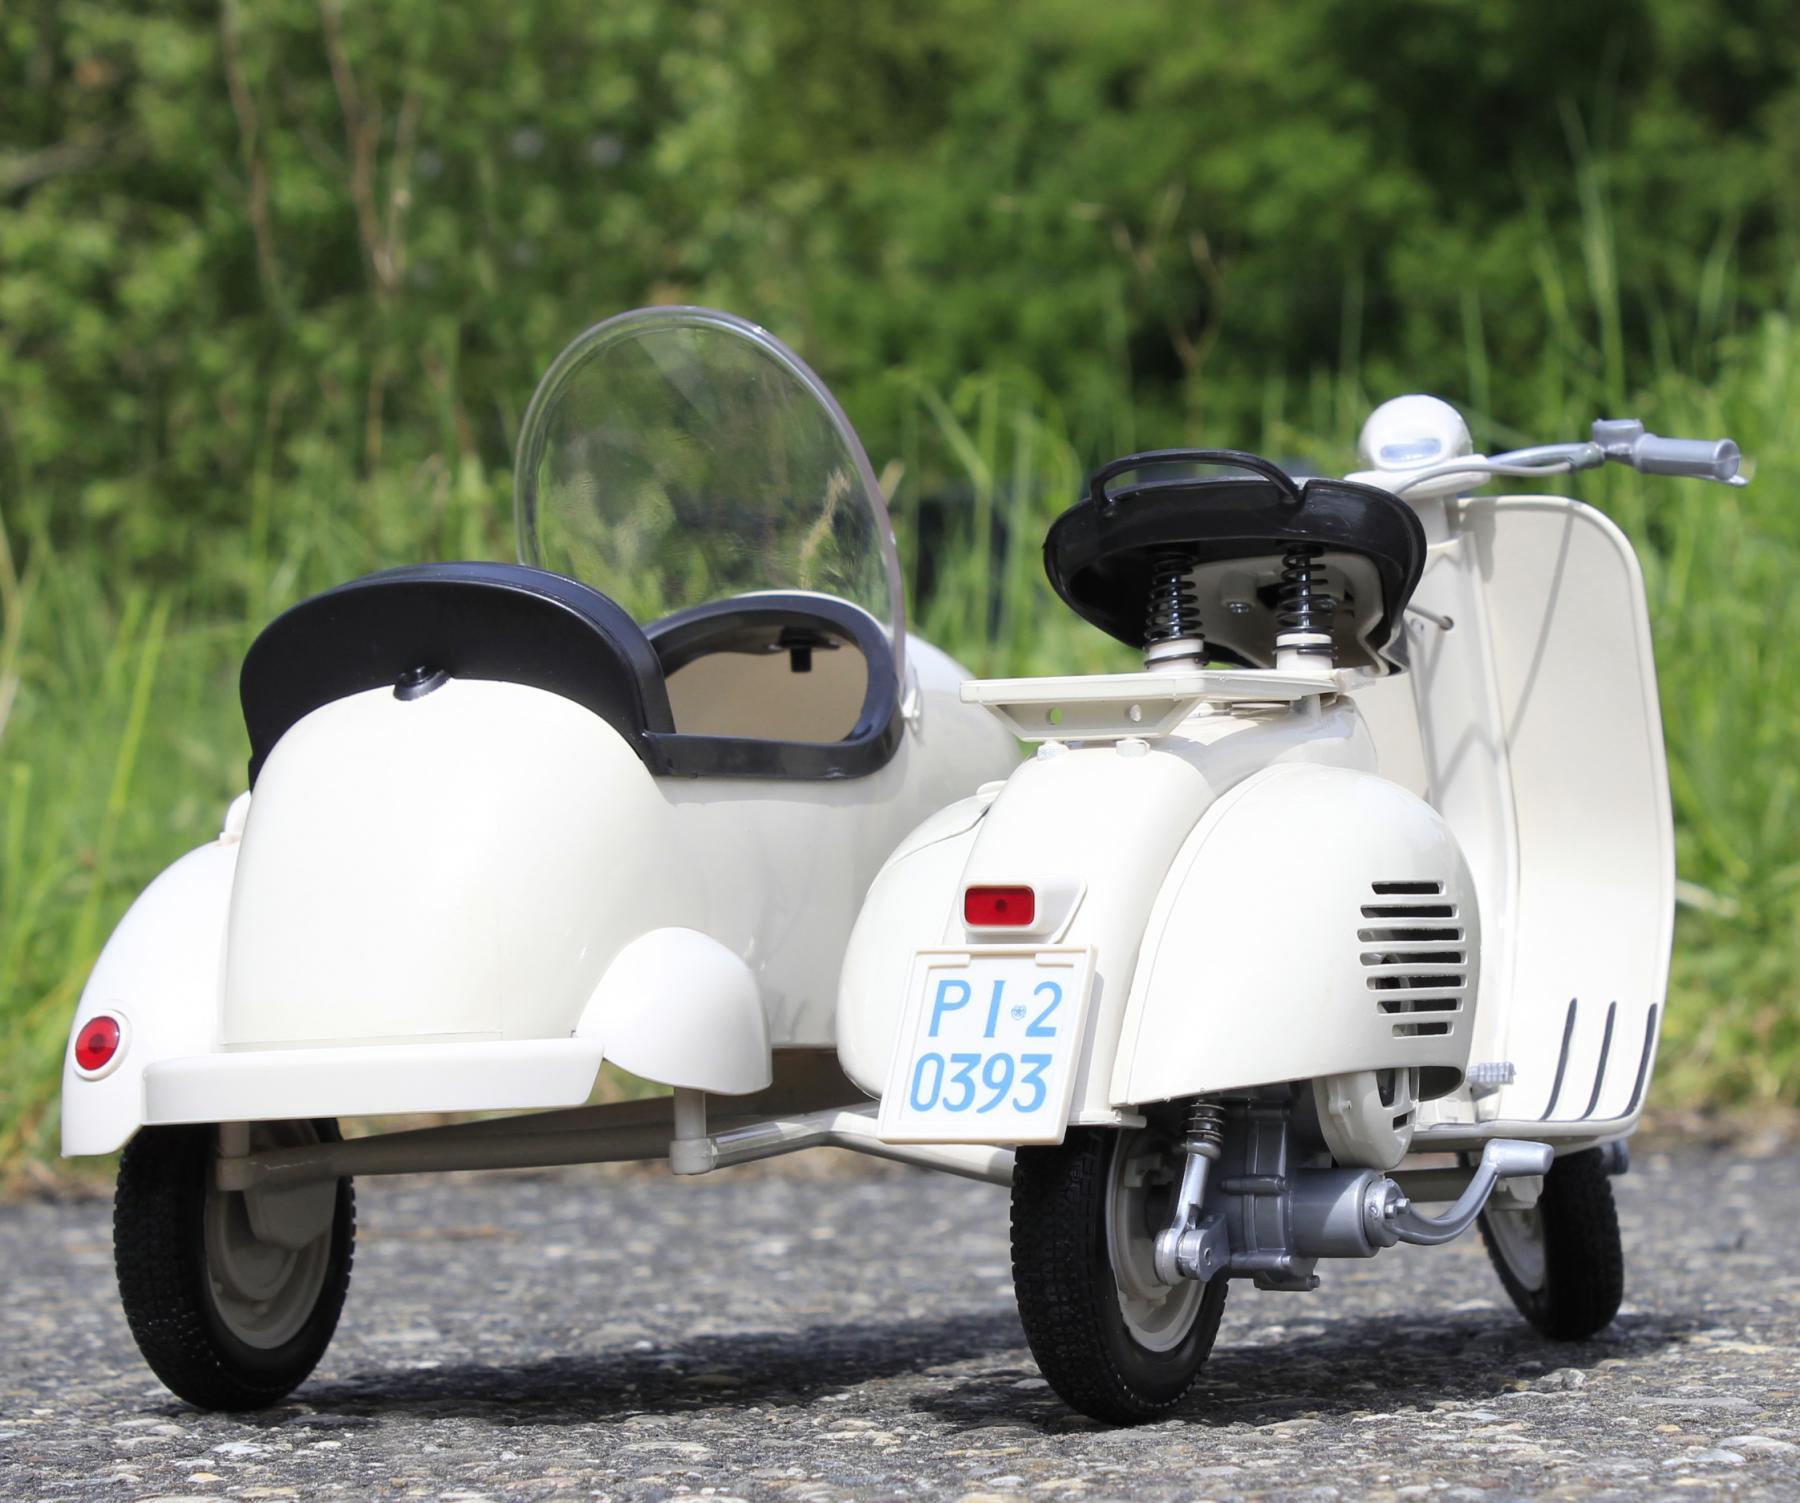 stand modell motorrad piaggio vespa 150 vl1t mit beiwagen l nge 30cm kaufen bei wim shop. Black Bedroom Furniture Sets. Home Design Ideas